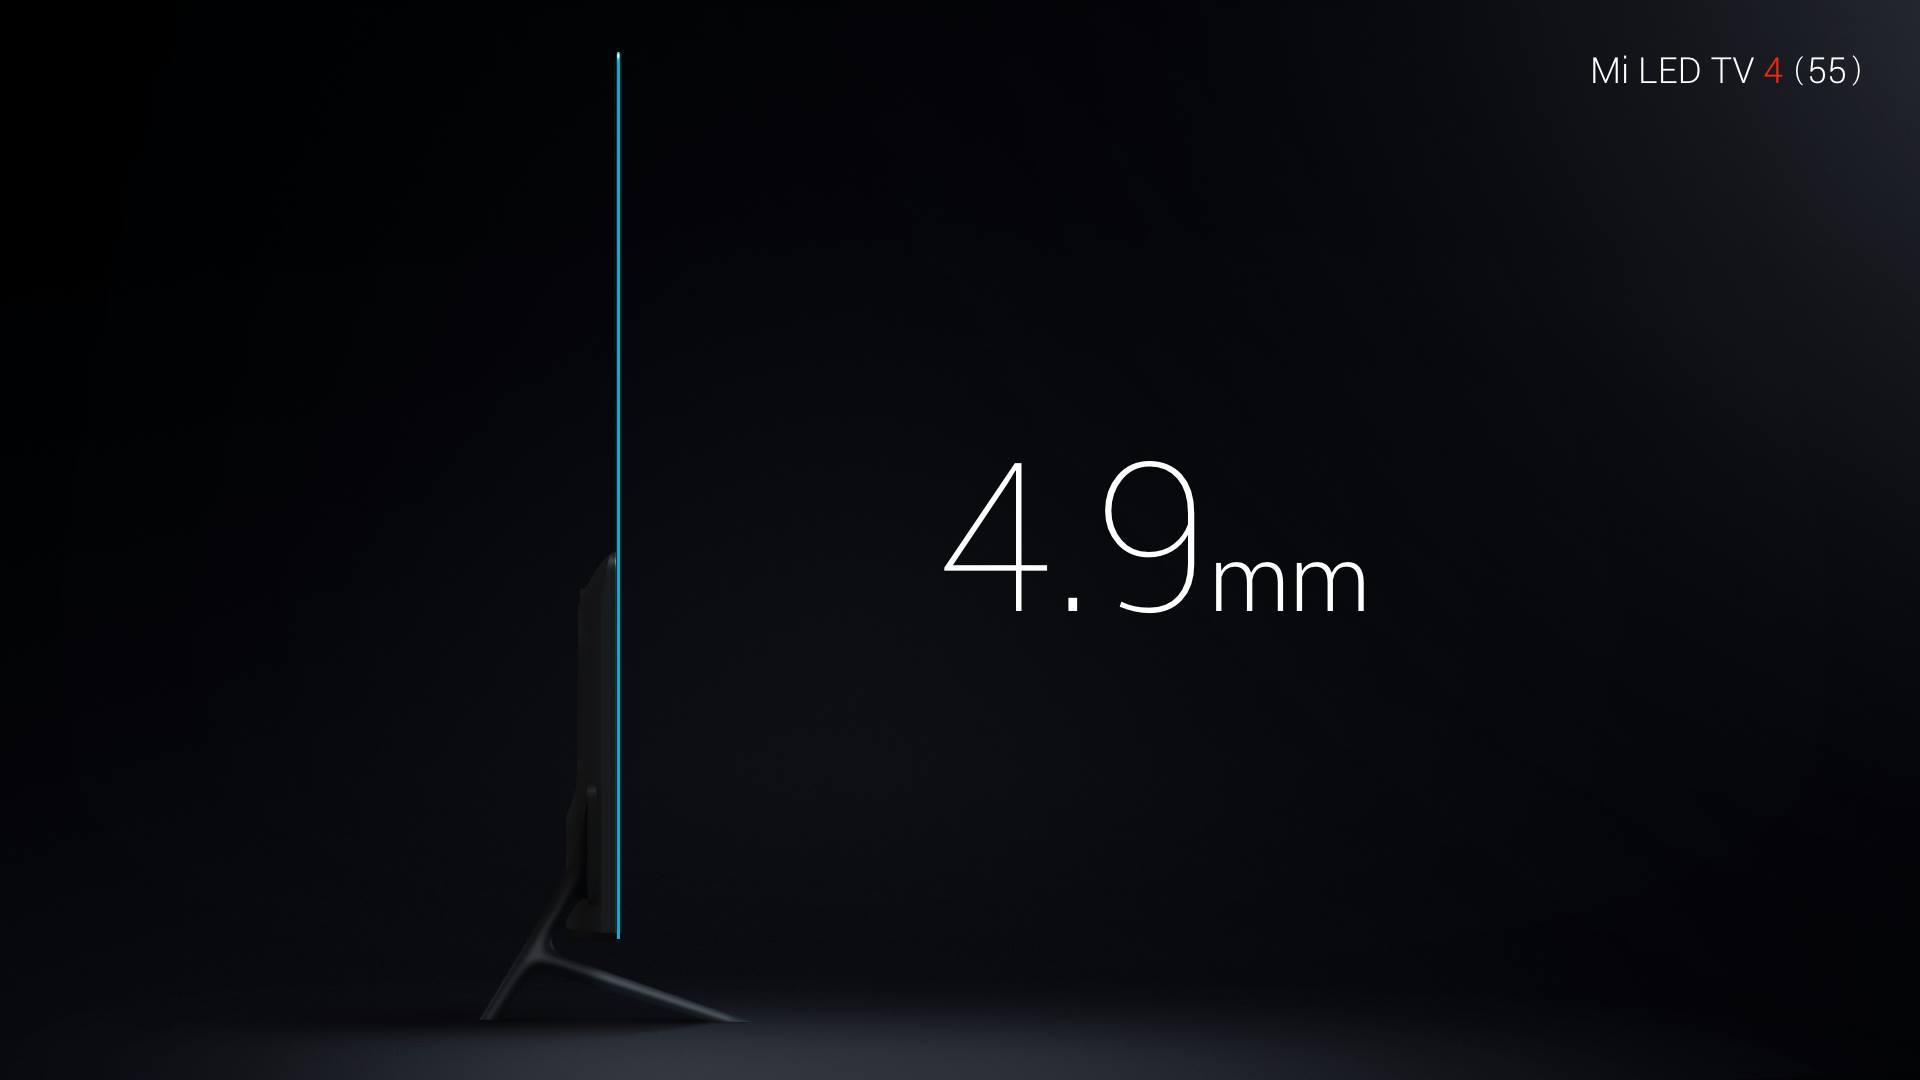 इस टीवी की थिकनेस महज 4.9mm है.